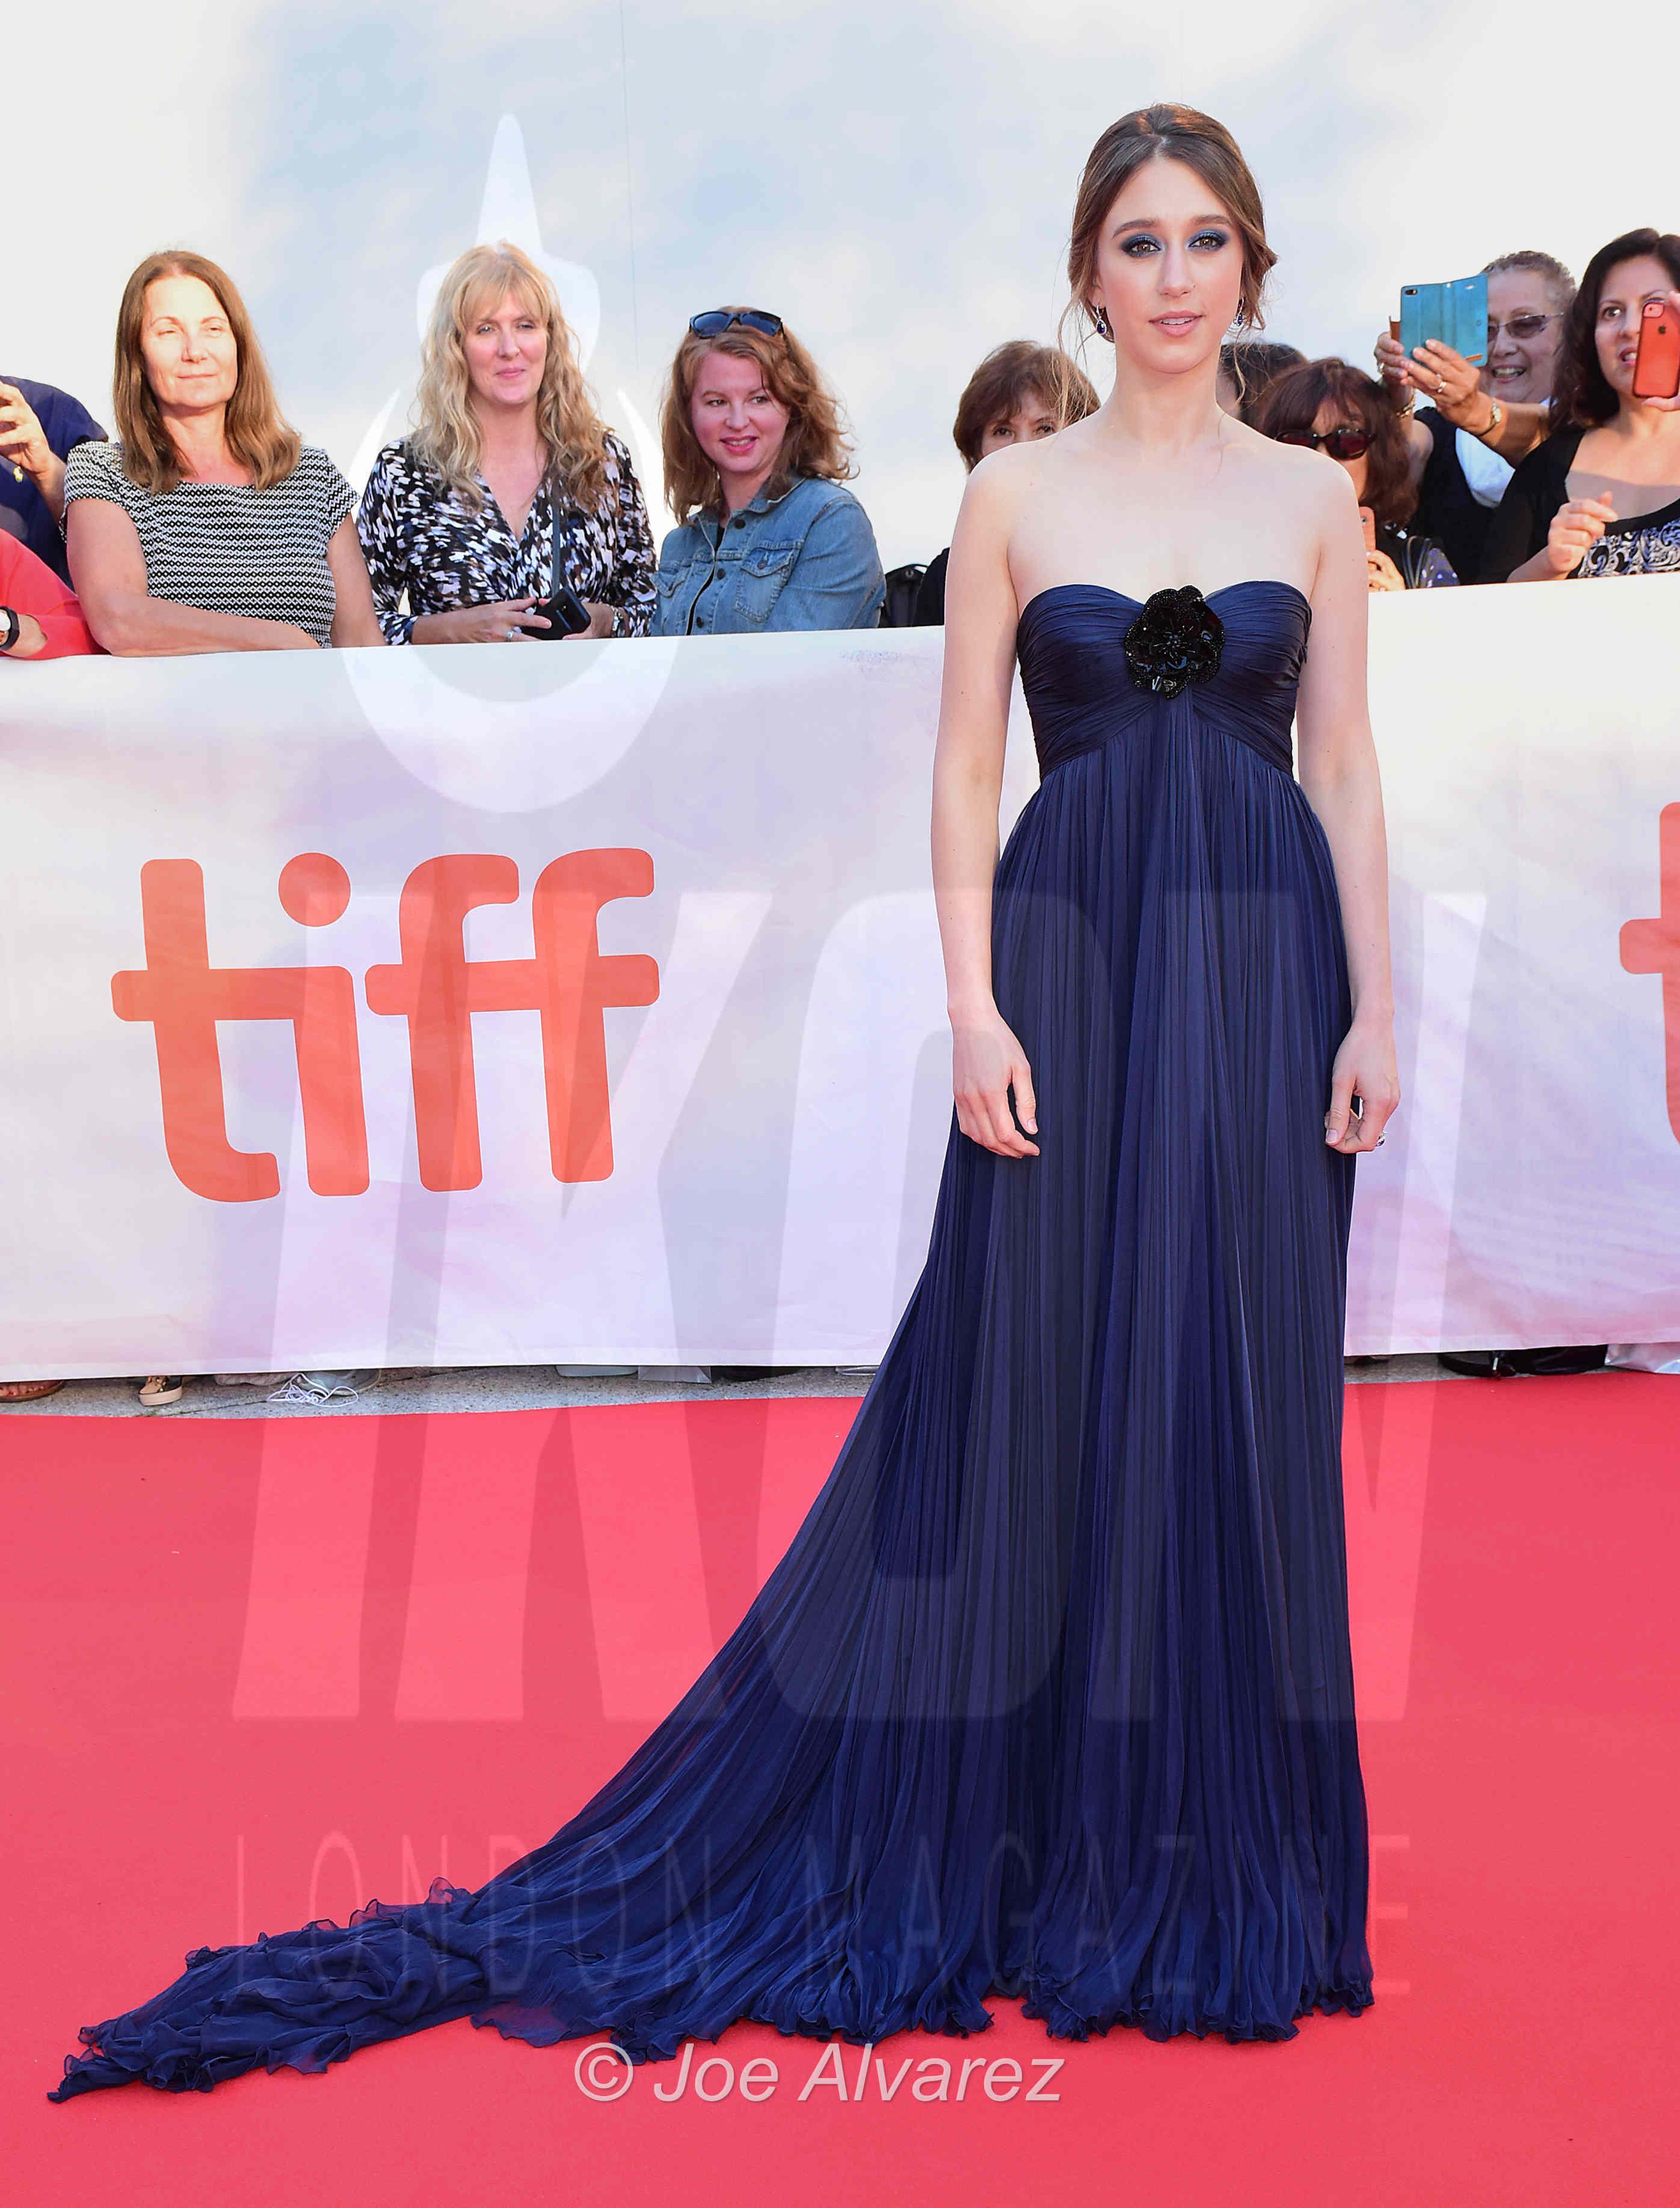 Taissa Farmiga, Elizabeth Chomko What We Had premiere Toronto Film Festival © Joe Alvarez